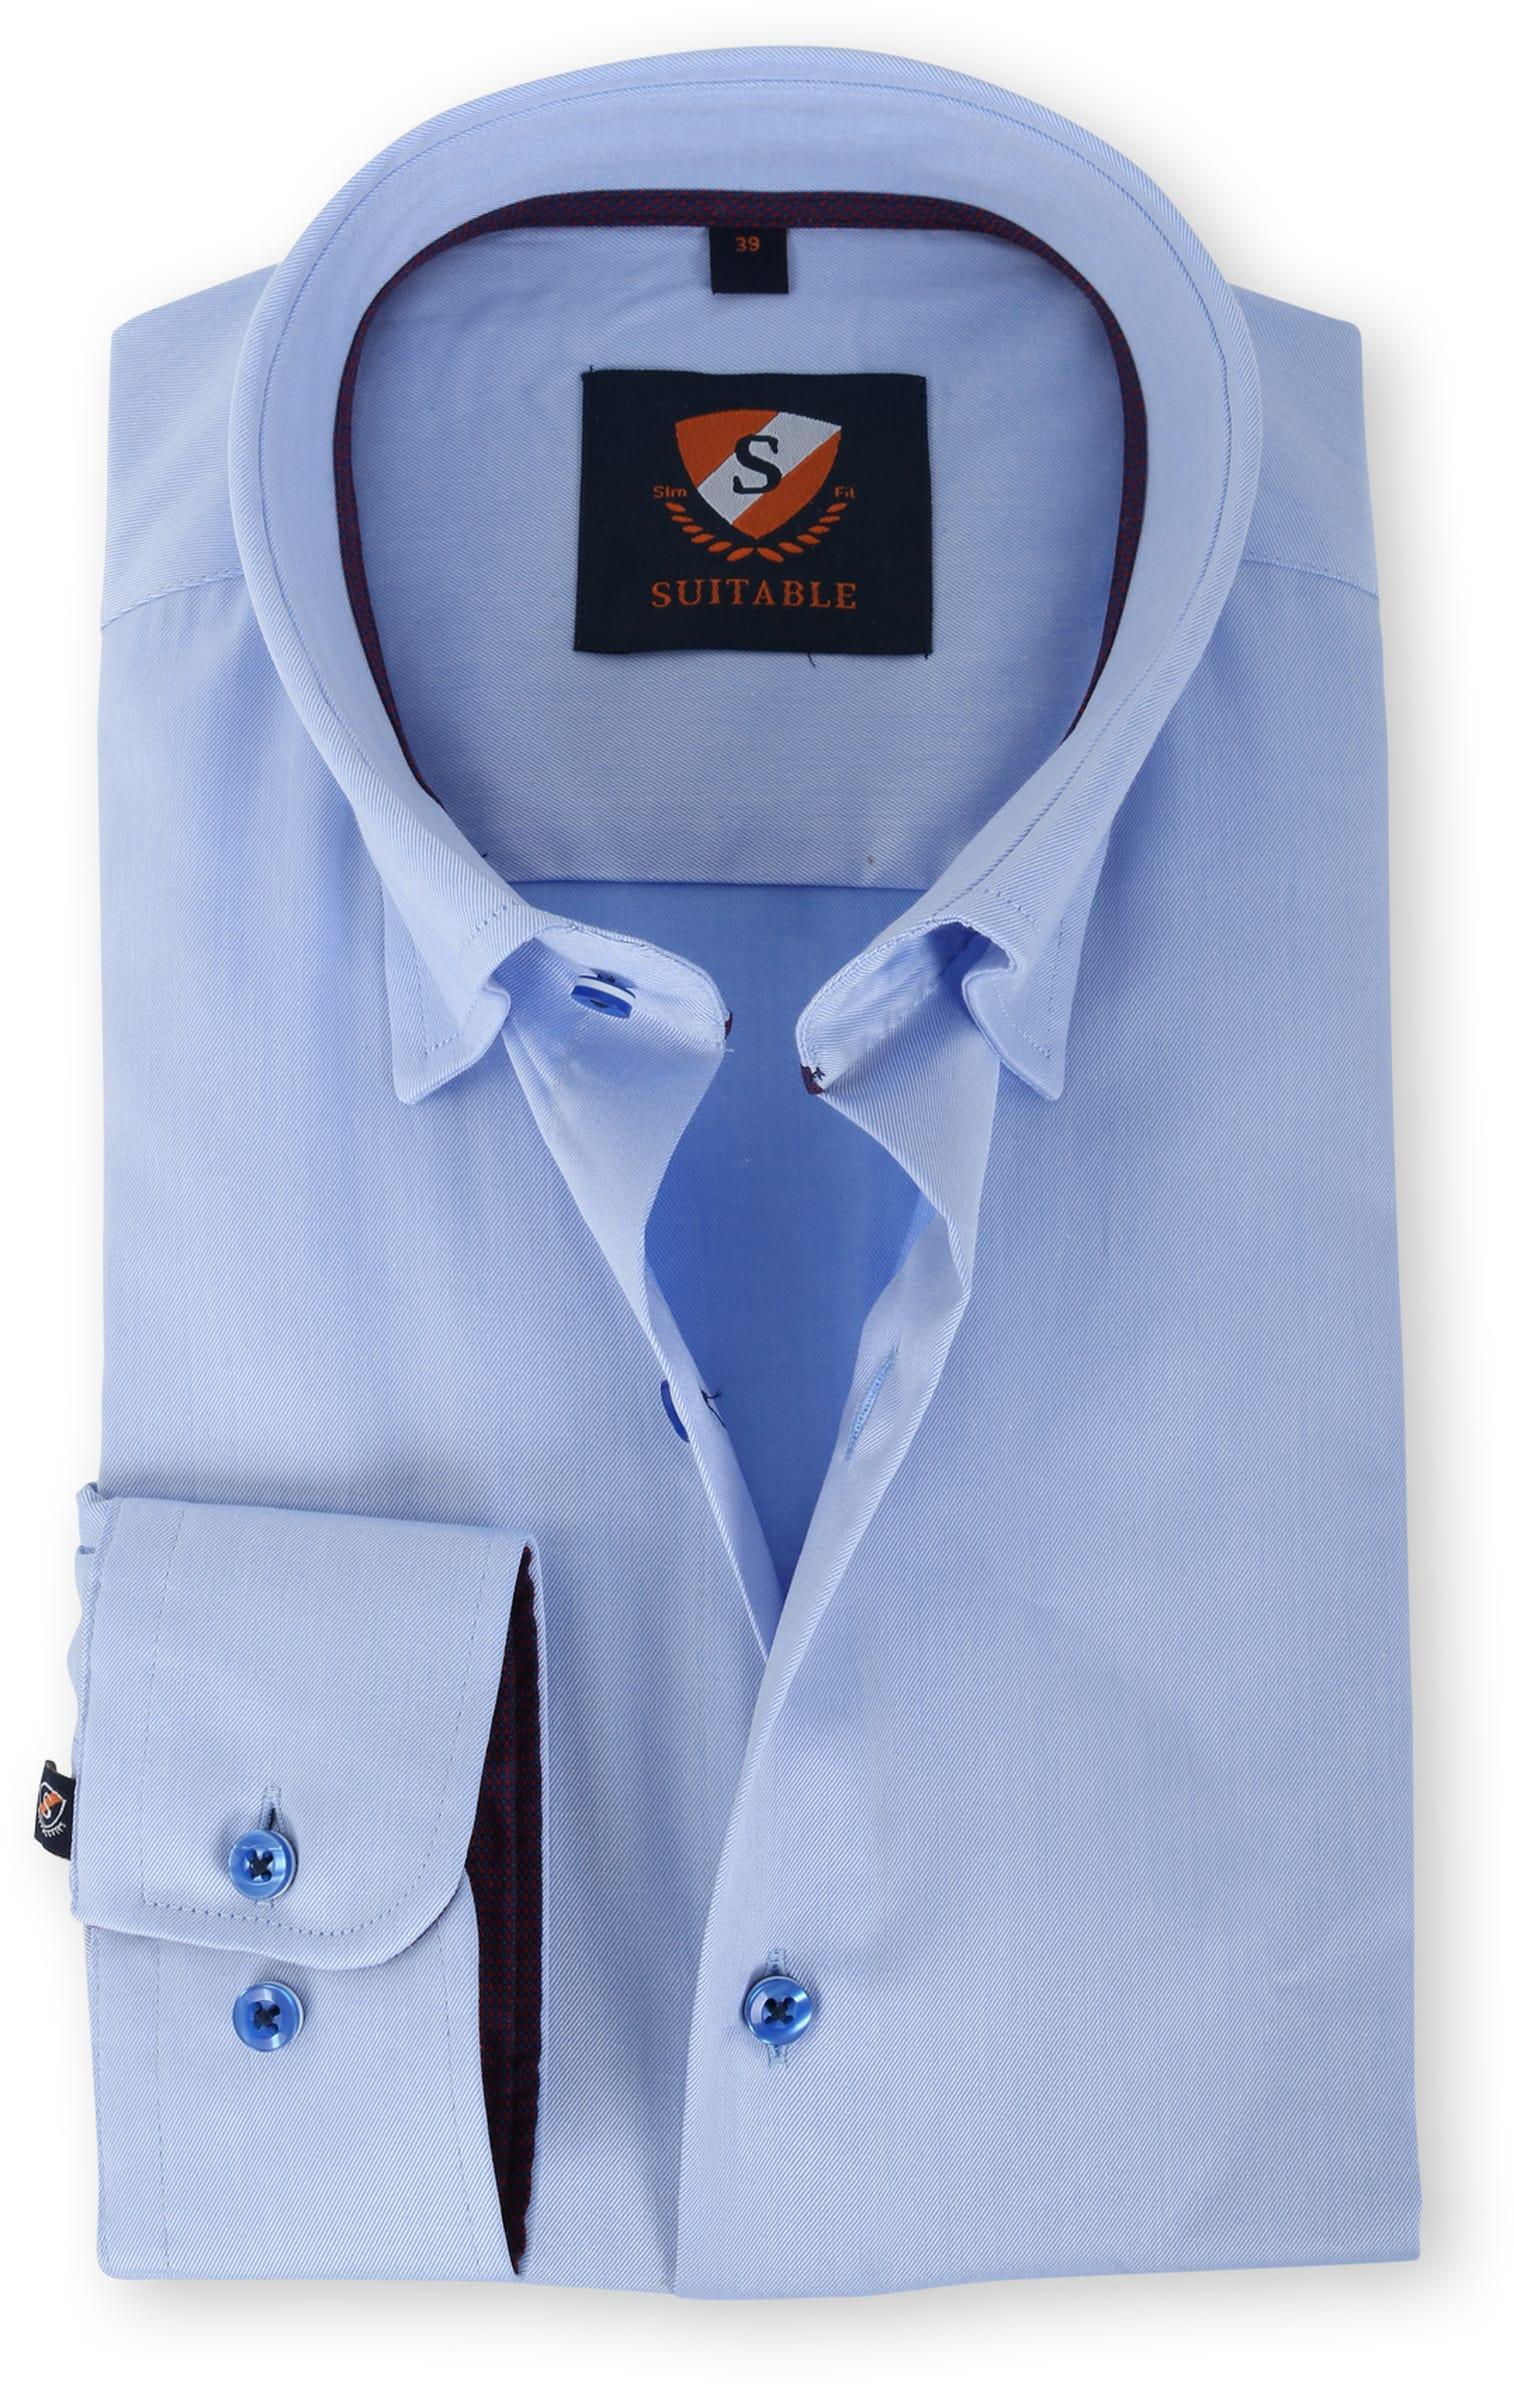 Suitable Overhemd Blauw 133-2 foto 0